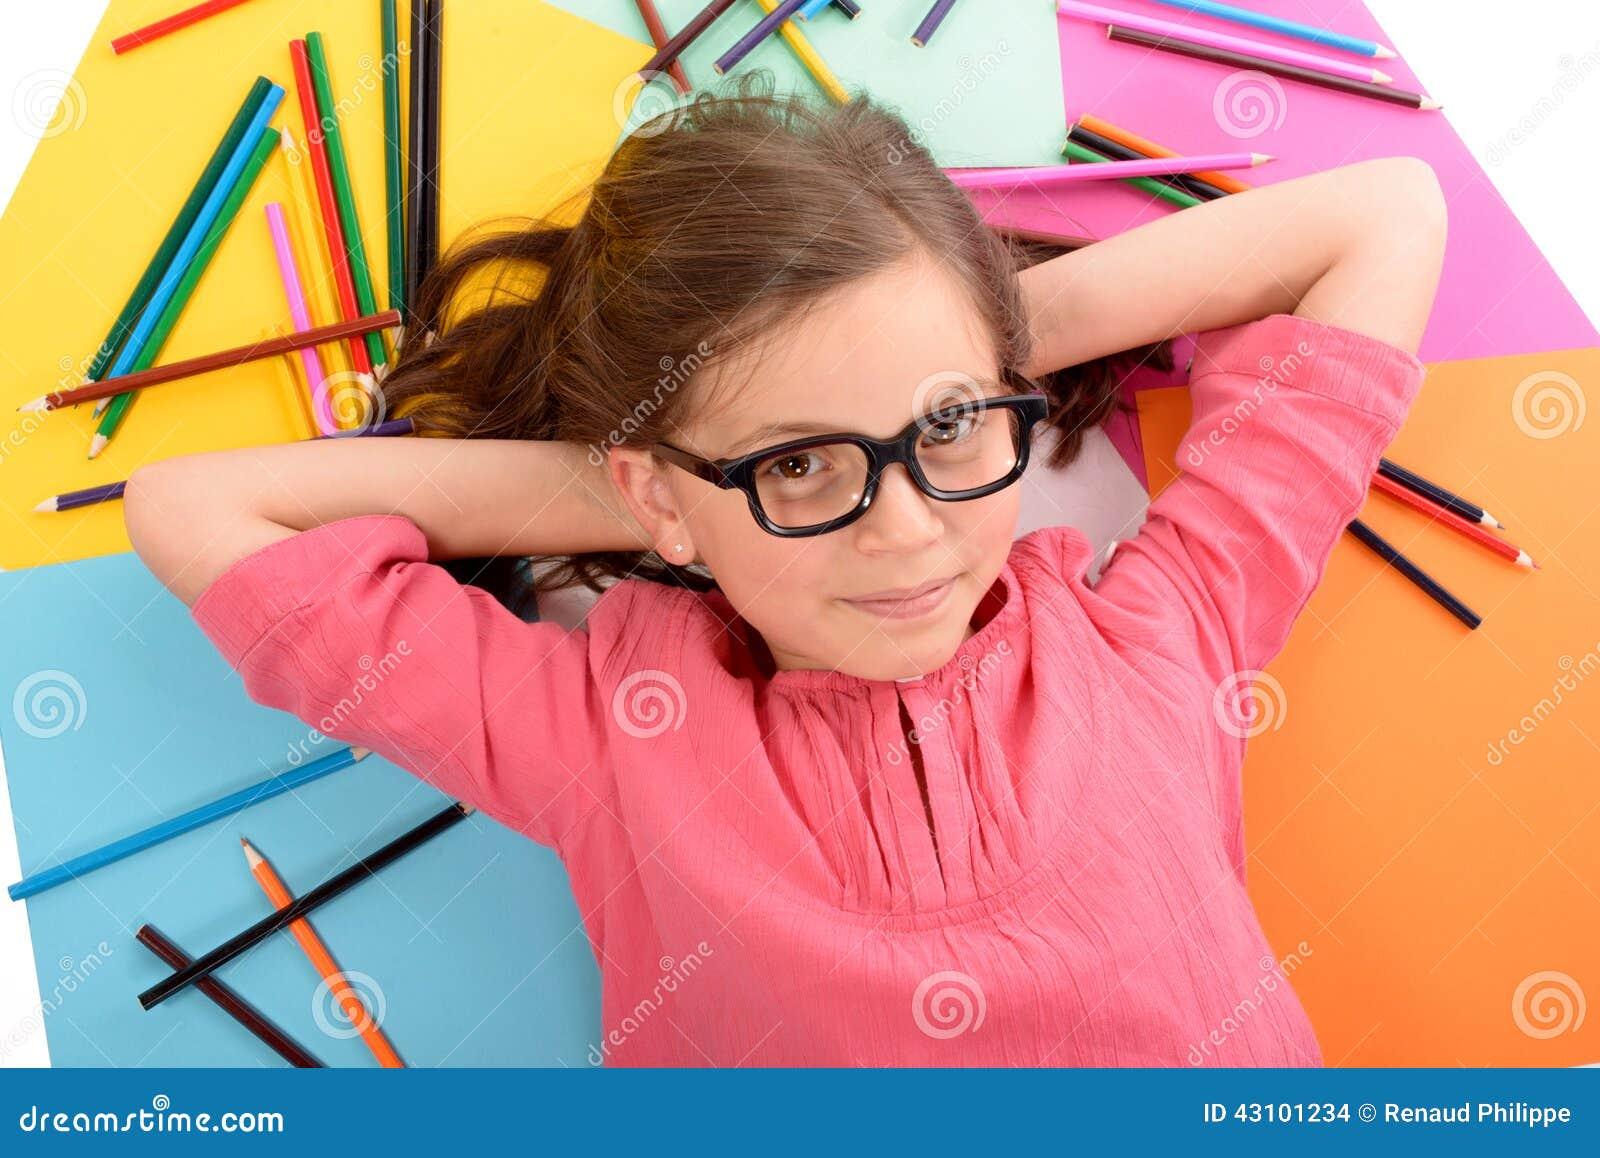 Skolaflickan som ligger på golvet med färg, ritar